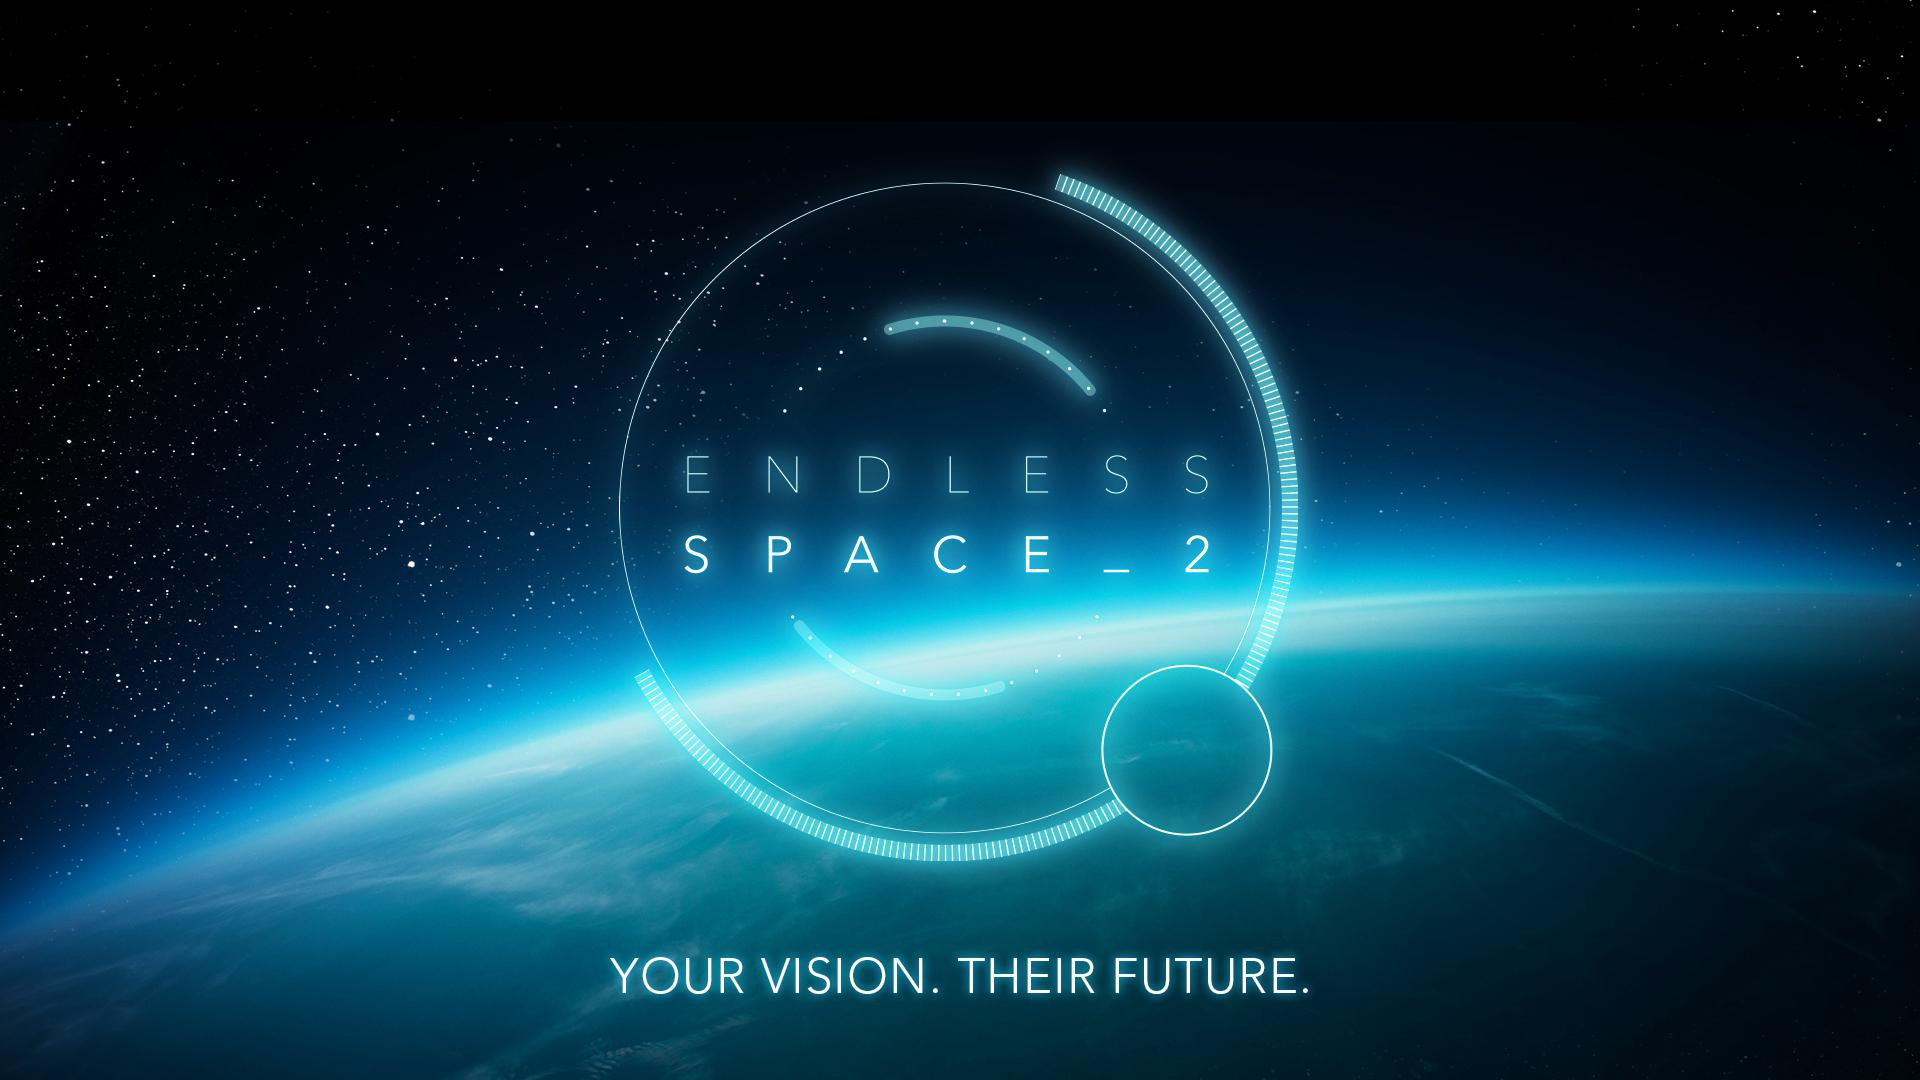 endless_space_2_logo_art